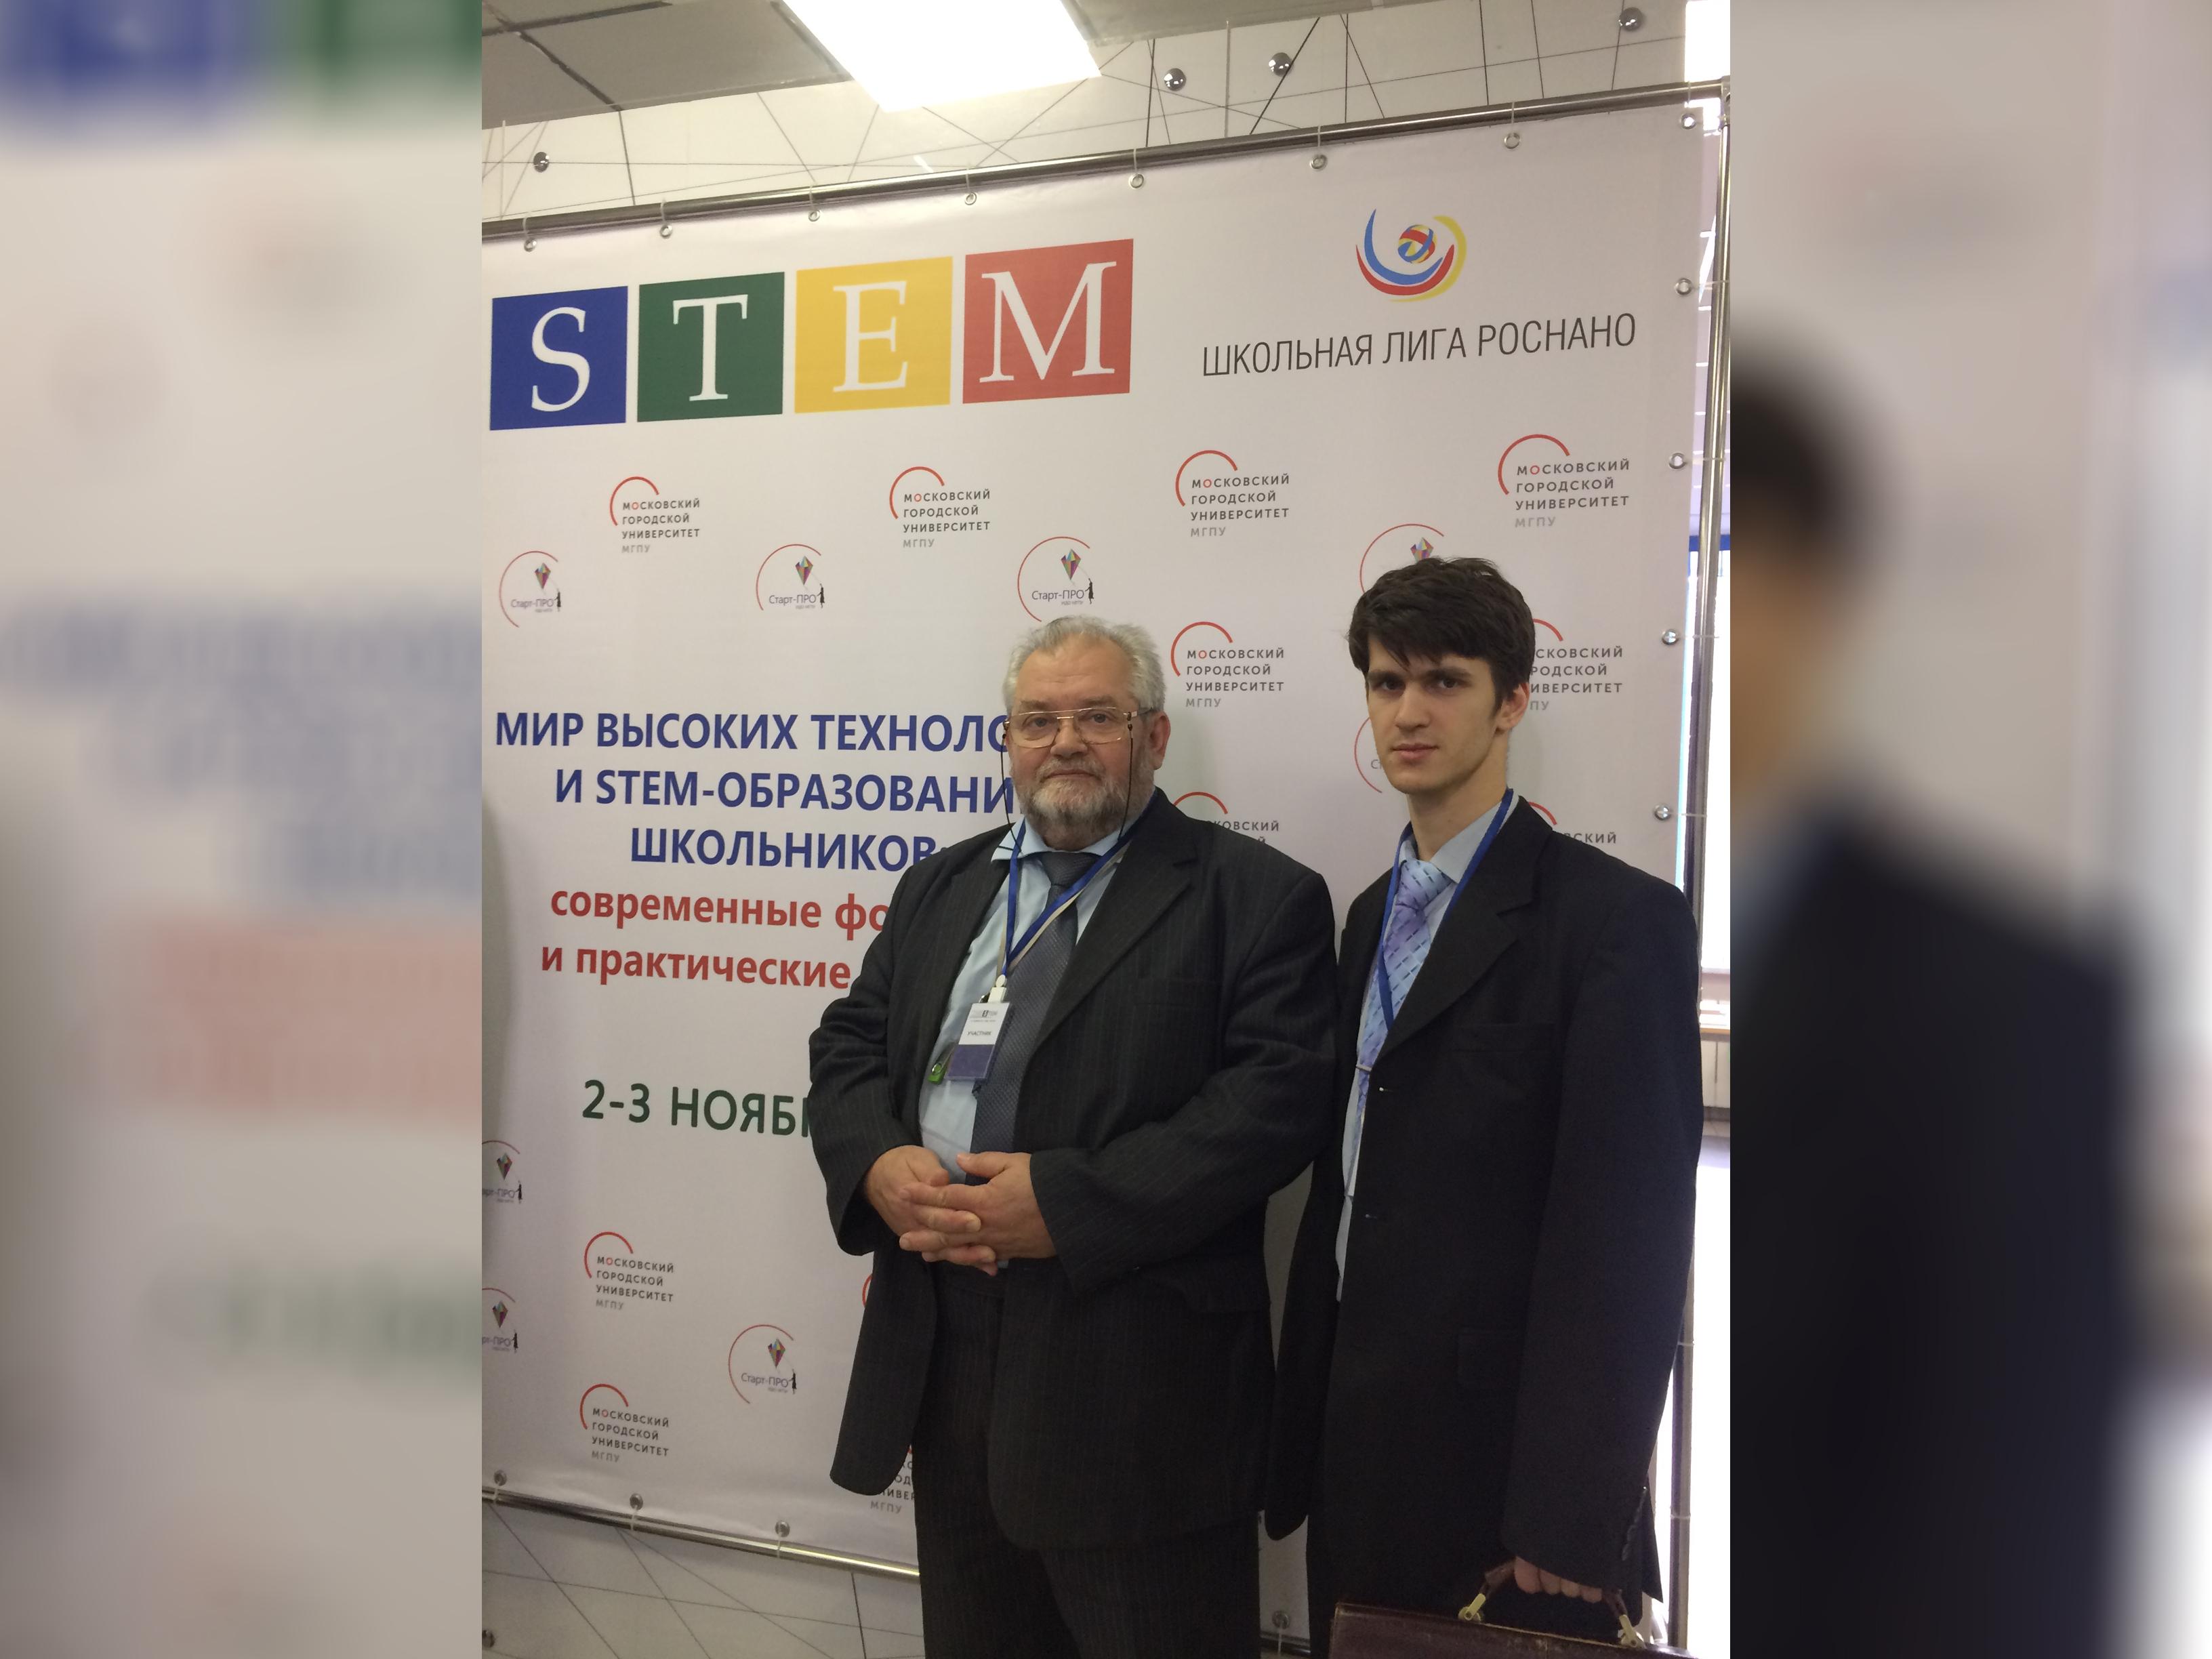 Игорь Царьков и Андрей Бобырев на STEM конференции в МГПУ